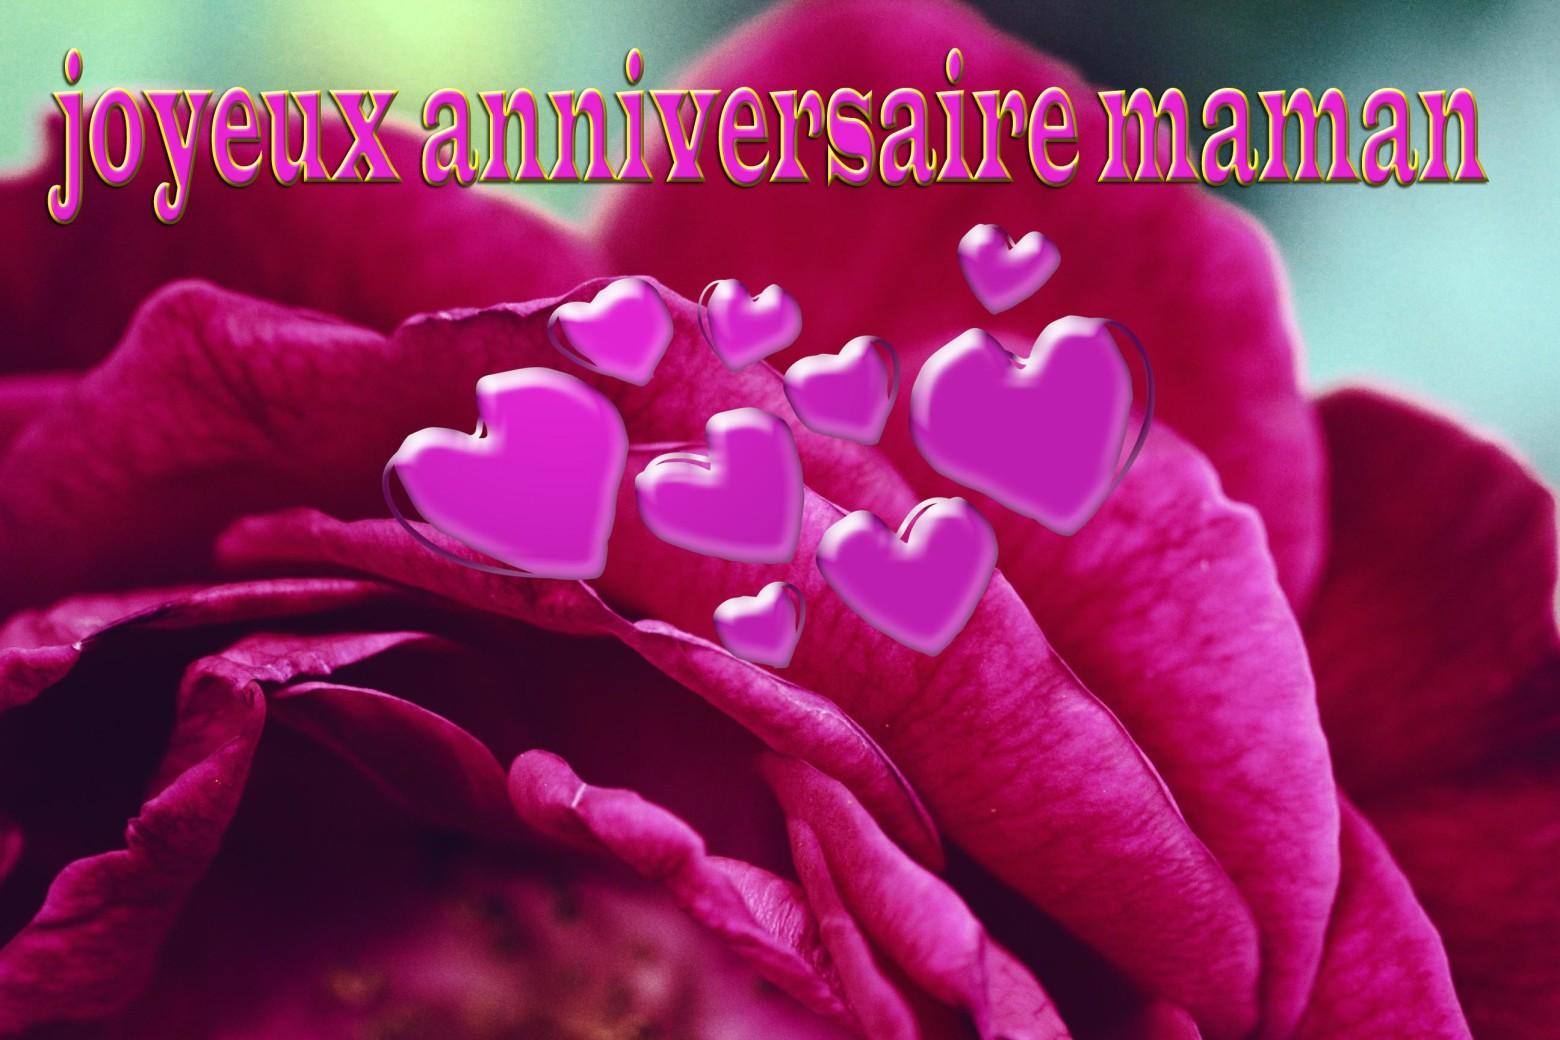 Joyeux Anniversaire Maman Images Gratuites Et Libres De Droits